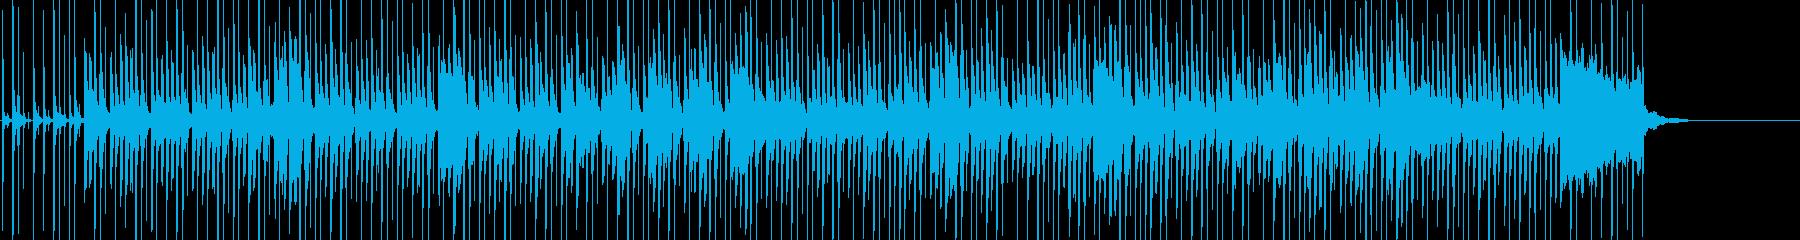 ほのぼのとした雰囲気の日常系ポップスの再生済みの波形